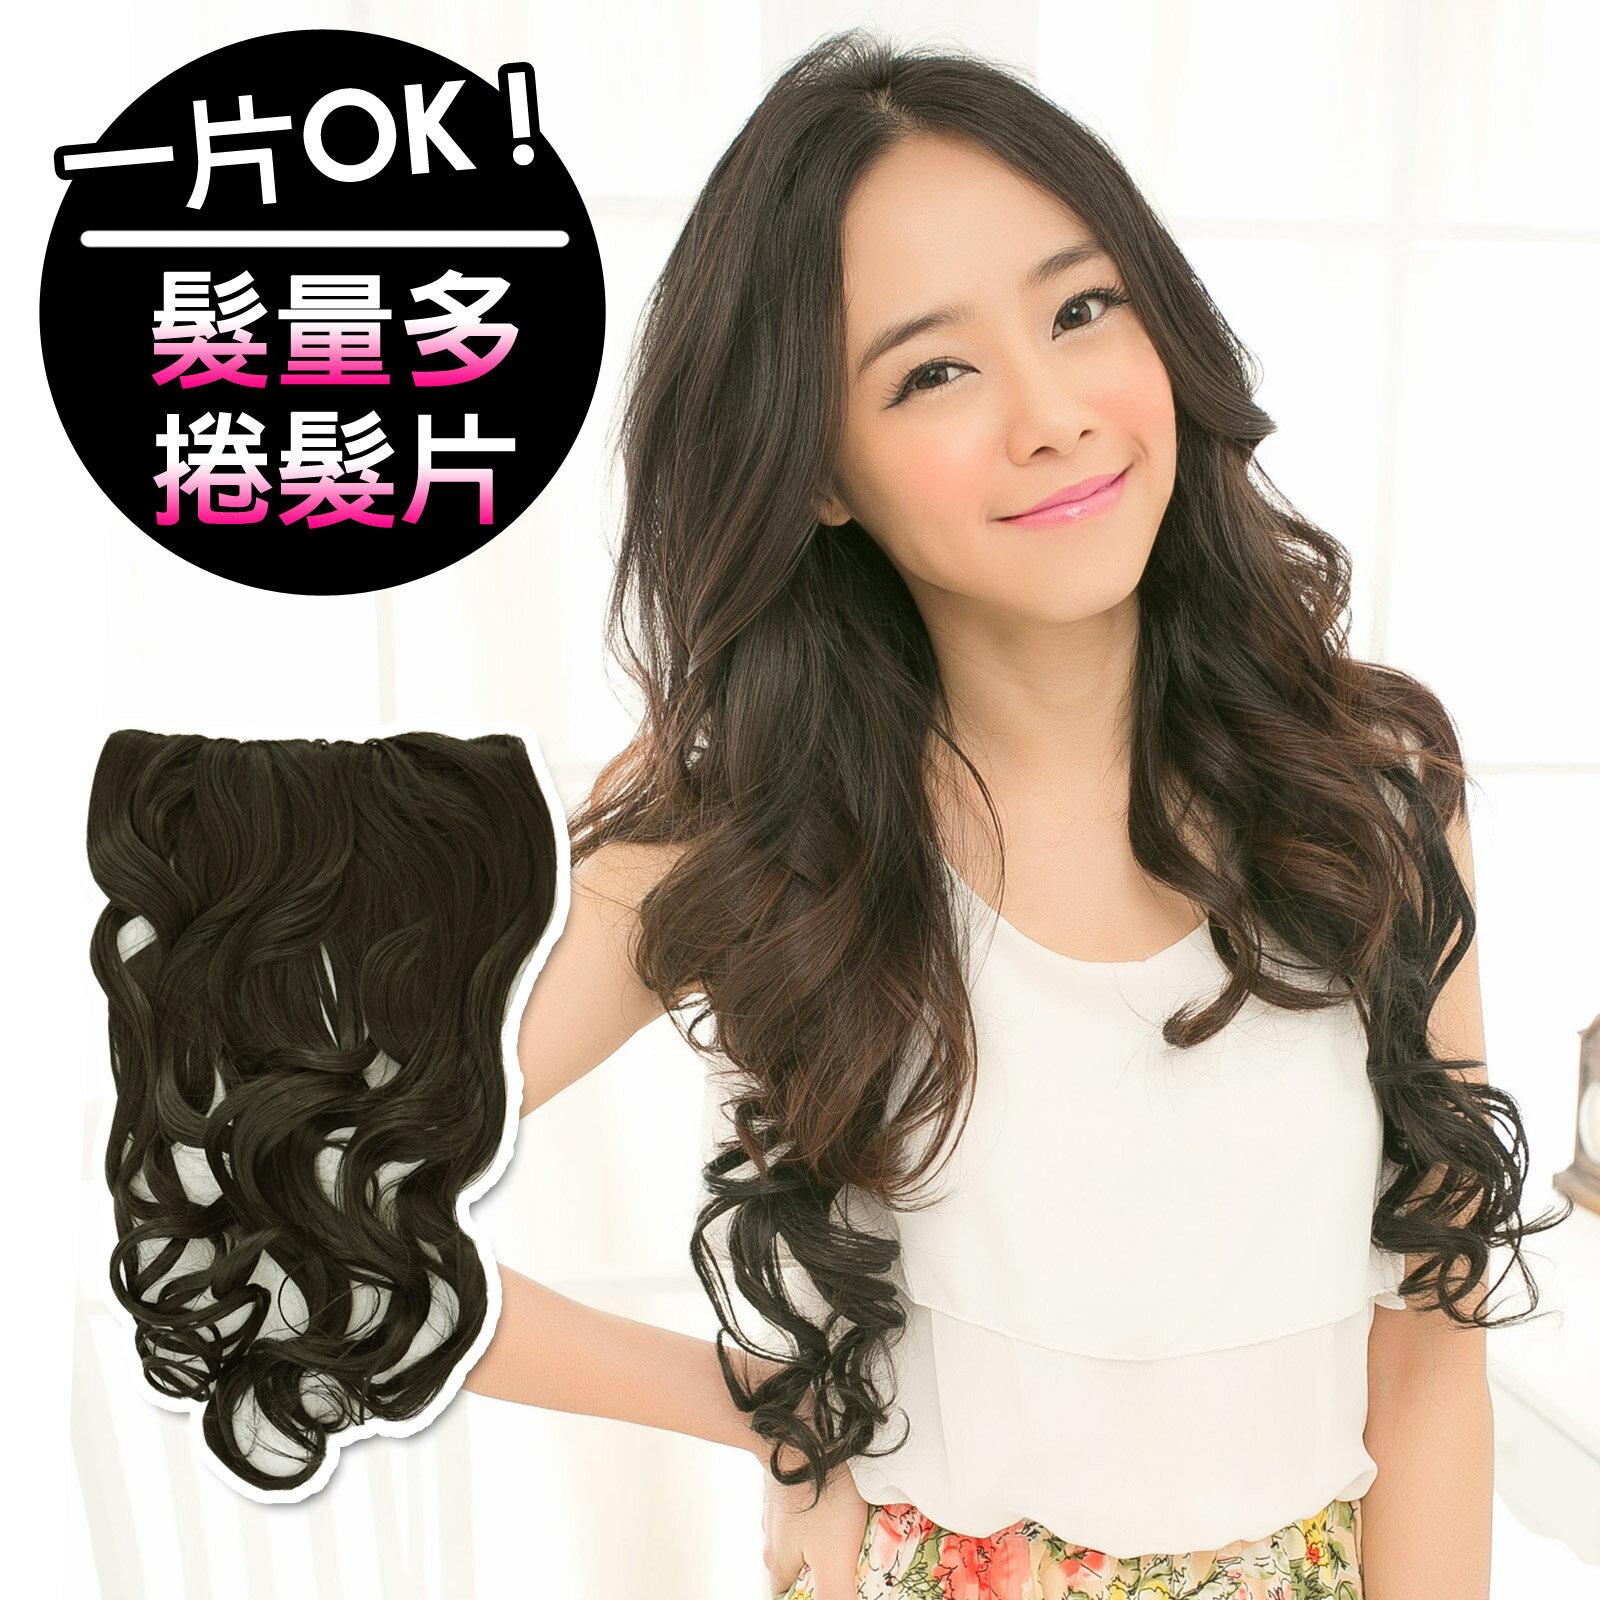 一片OK!!仿真髮增量版微美電棒捲度髮型【DH42】網拍甜美女神MIKA代言推薦☆雙兒網☆ 0